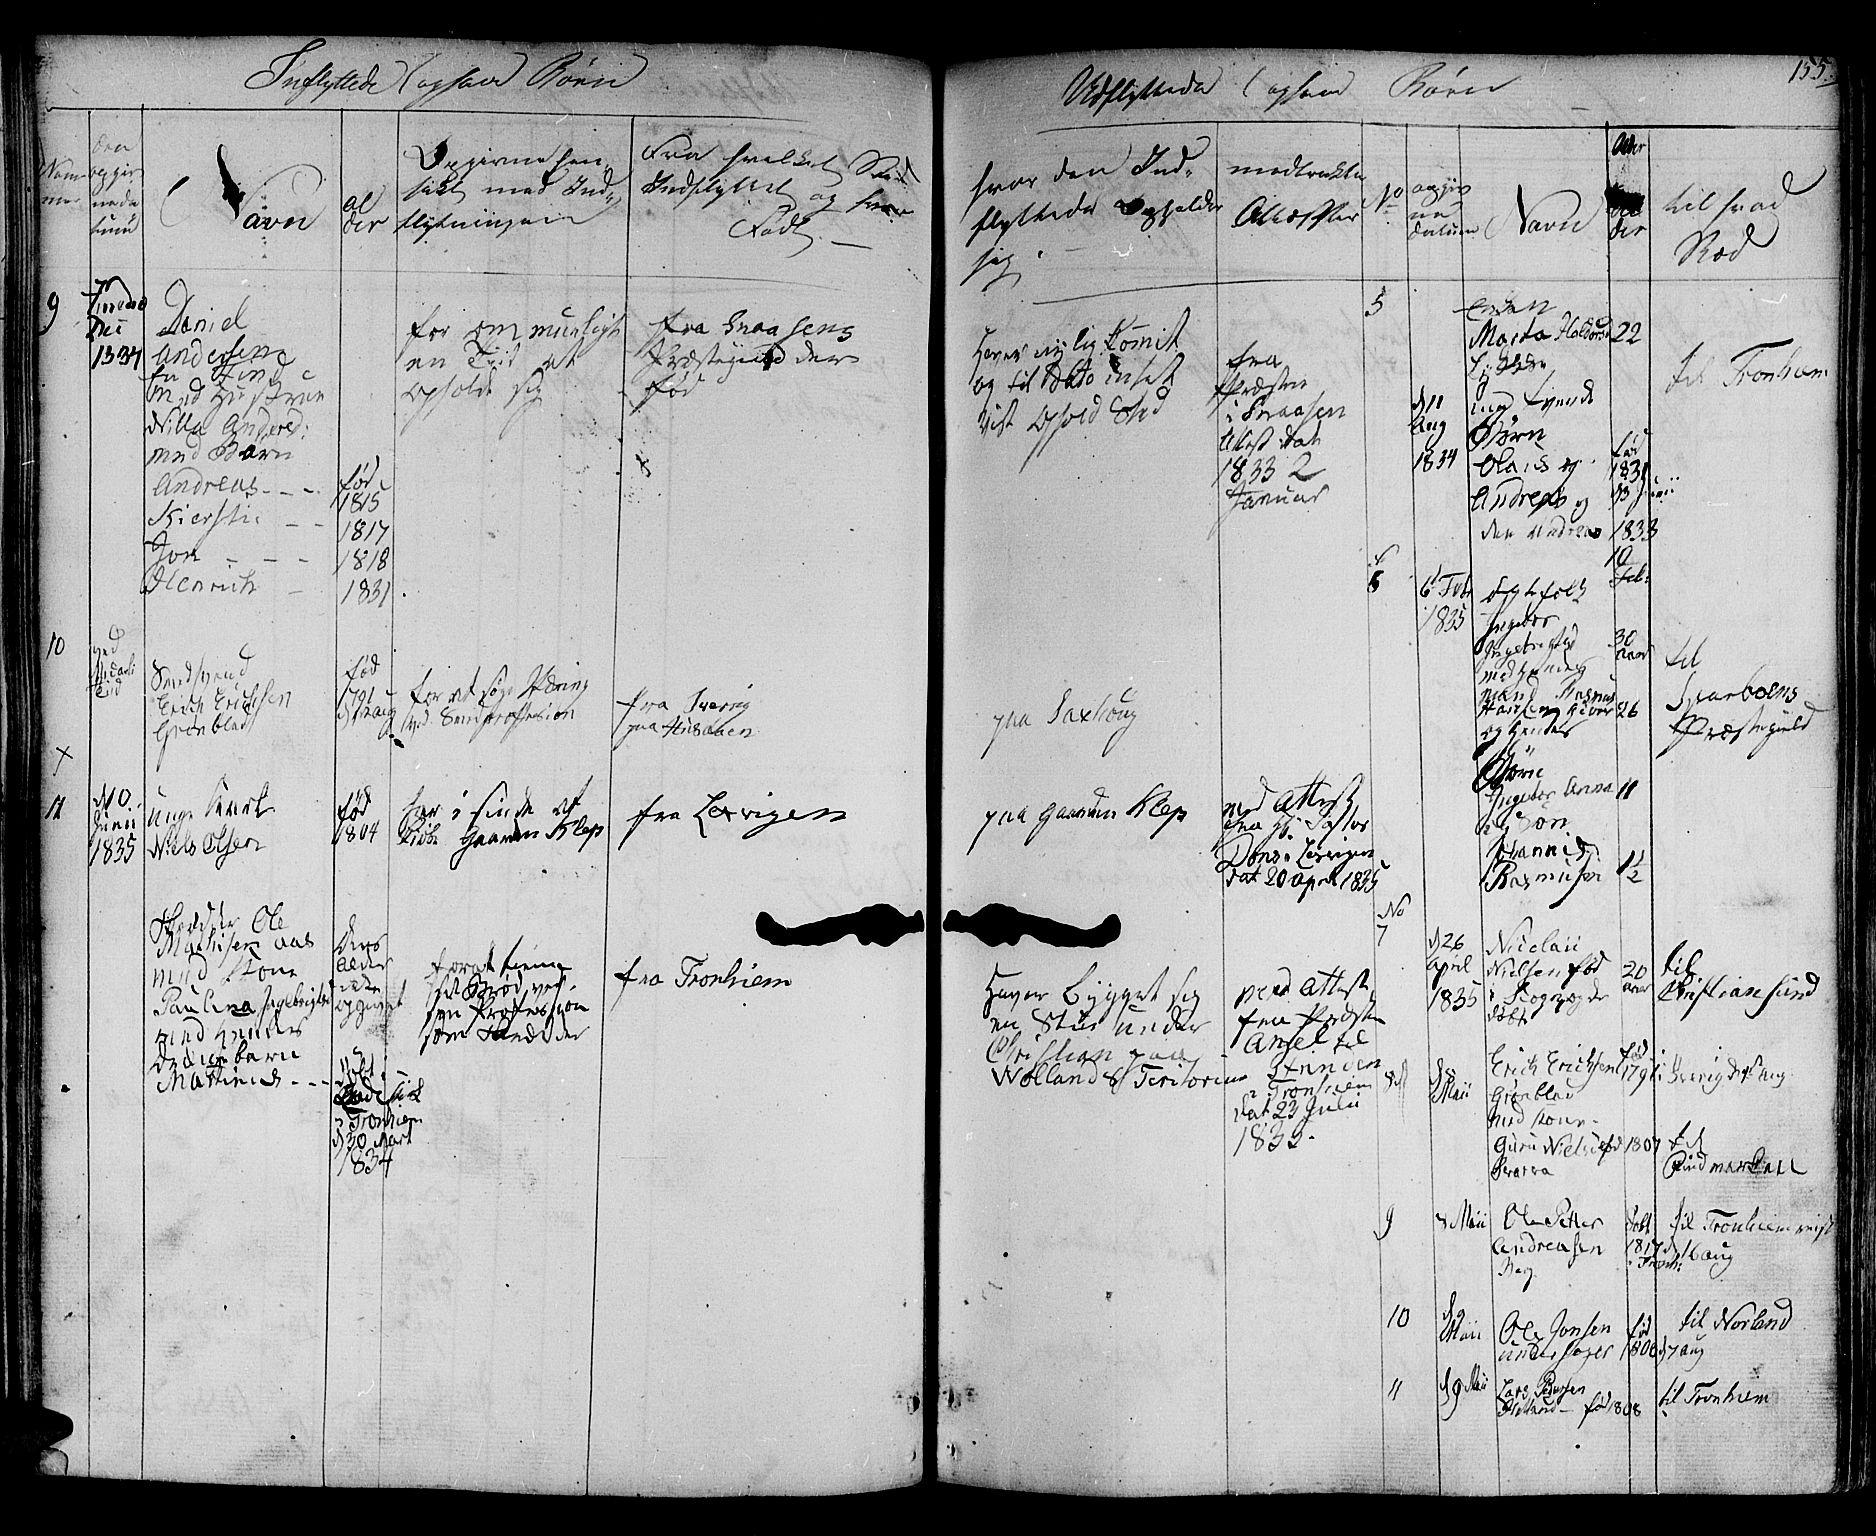 SAT, Ministerialprotokoller, klokkerbøker og fødselsregistre - Nord-Trøndelag, 730/L0277: Ministerialbok nr. 730A06 /1, 1830-1839, s. 155